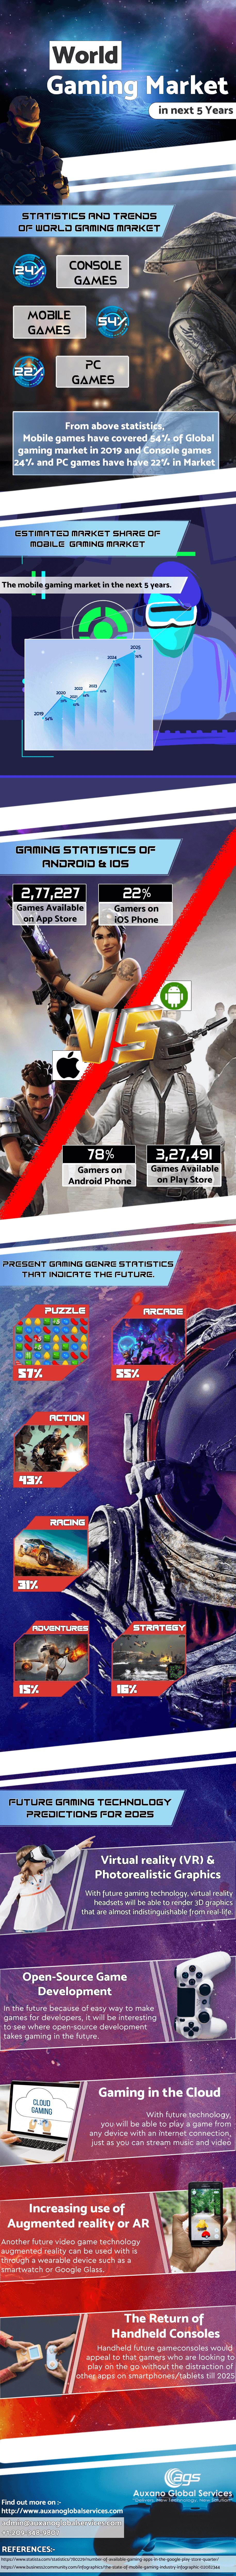 gaming market next 2025